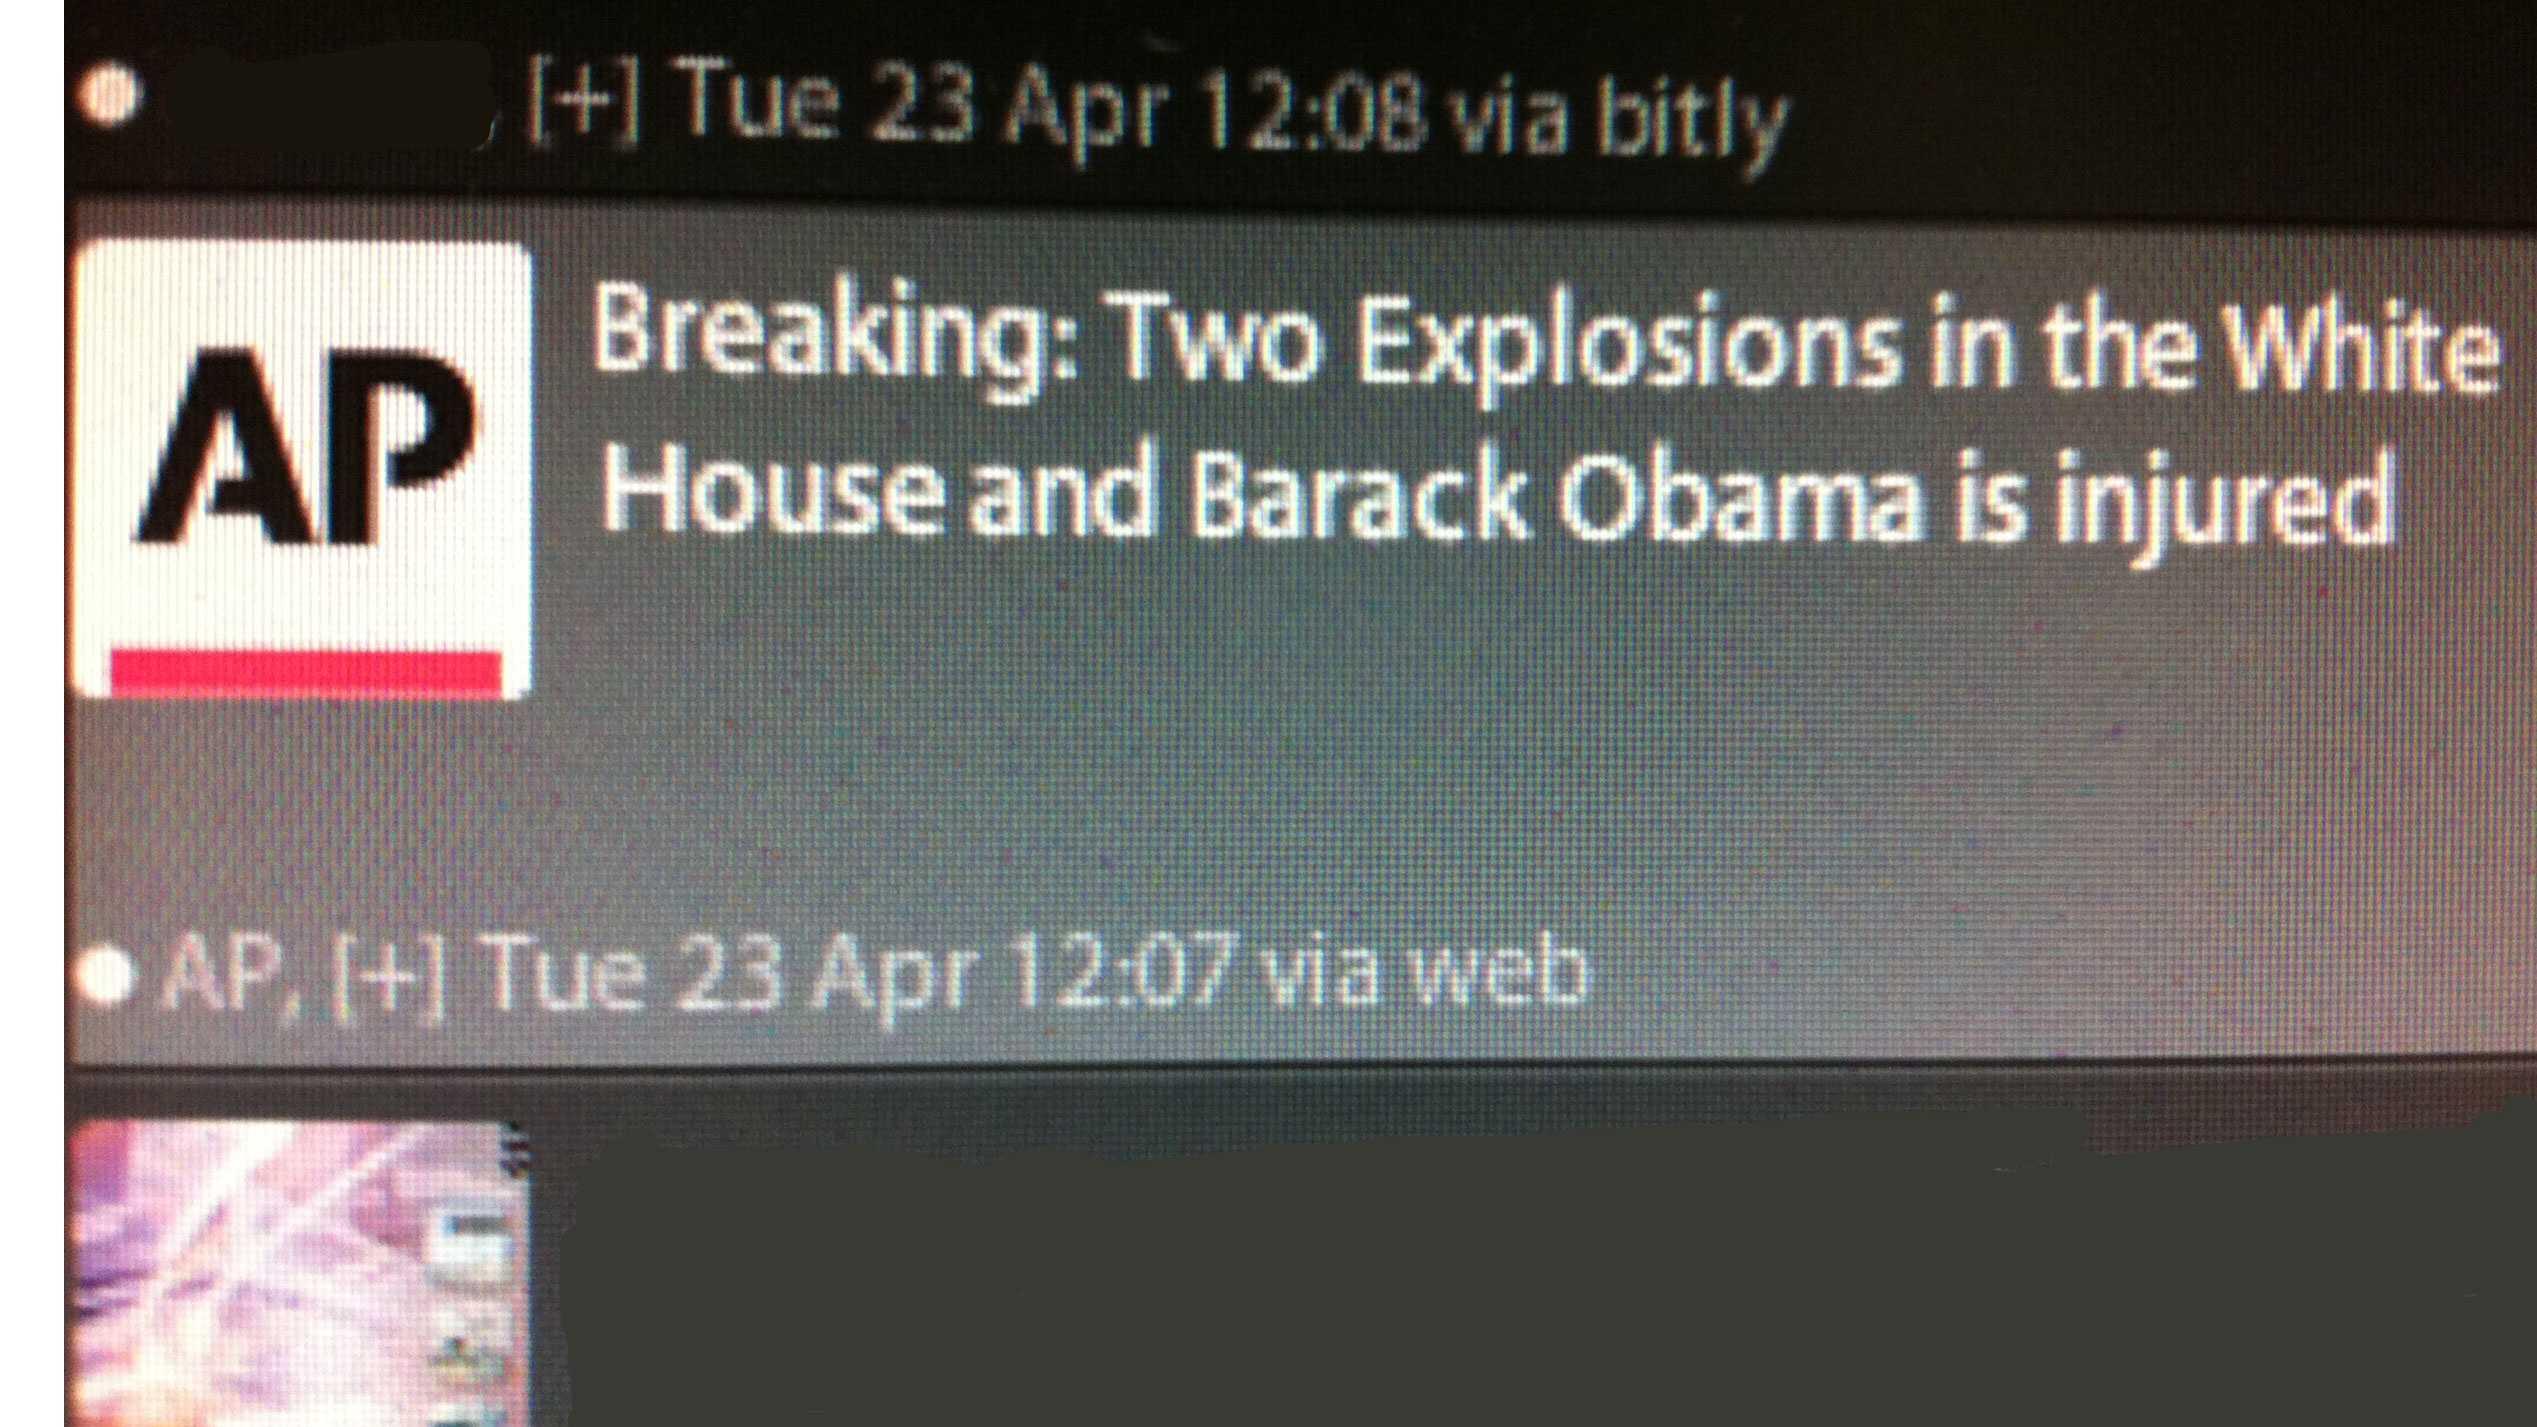 Image AP fake tweet